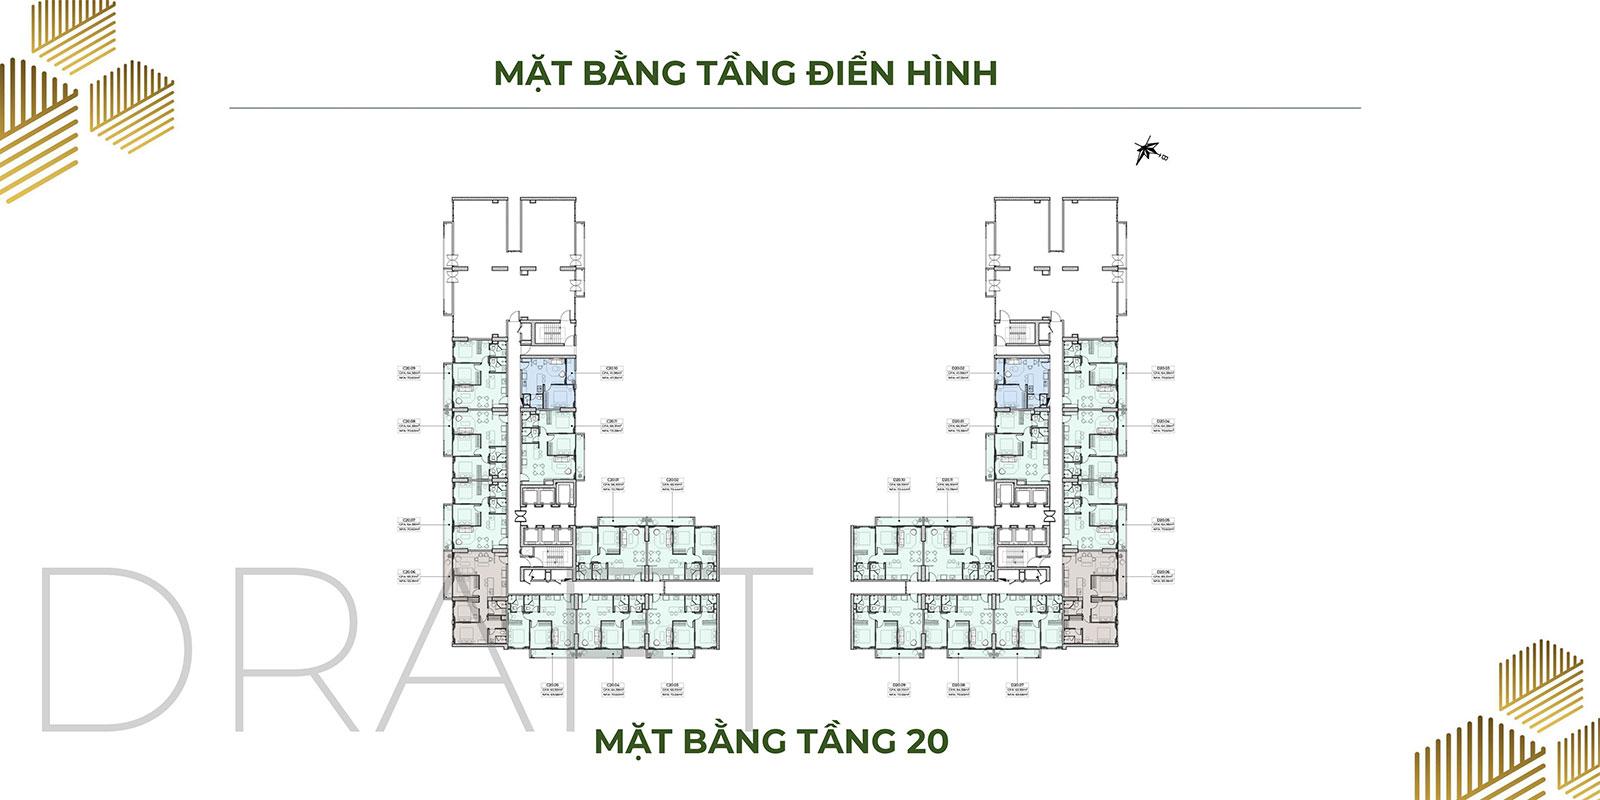 Mặt bằng dự án căn hộ Anderson Park tầng 20